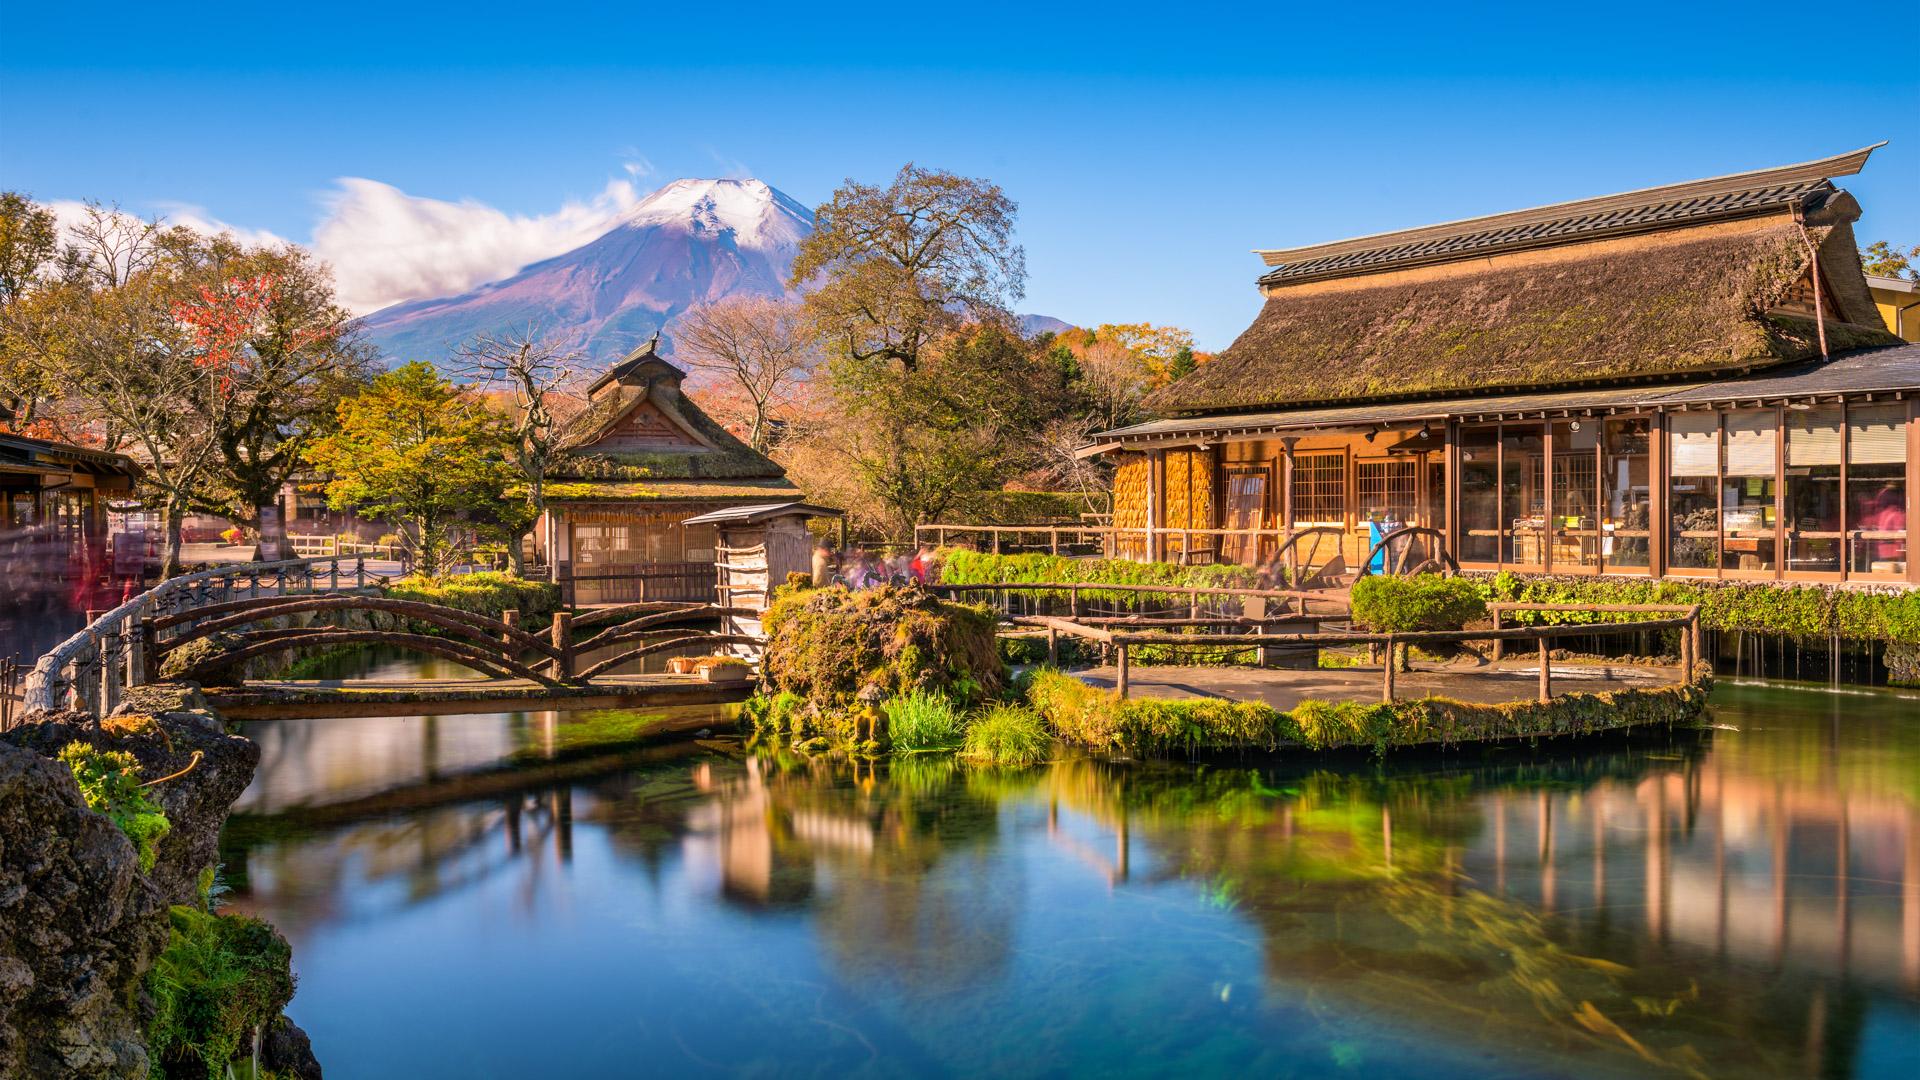 【東京出発】富士山1日ツアー:富士山五合目・忍野八海・河口湖